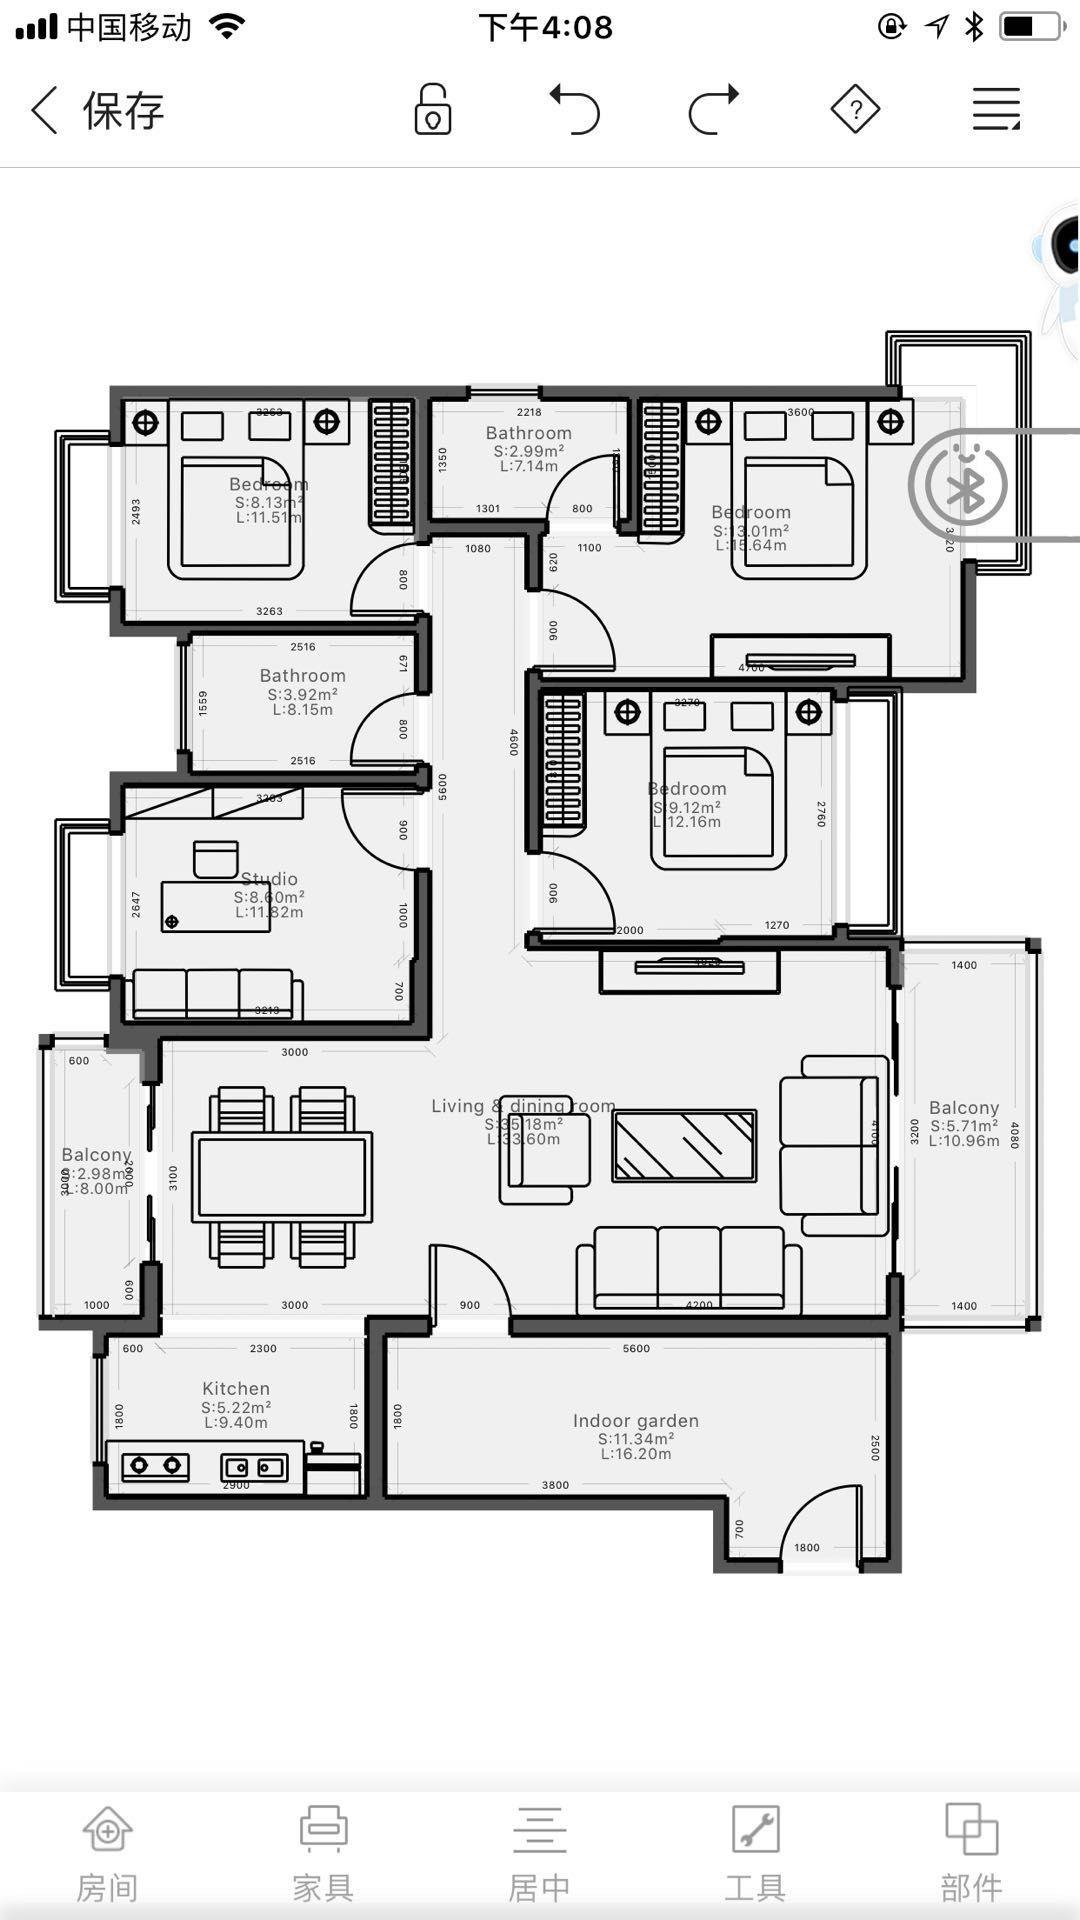 Create Floorplans The Easy Way Floor Plan App Floor Plans How To Plan